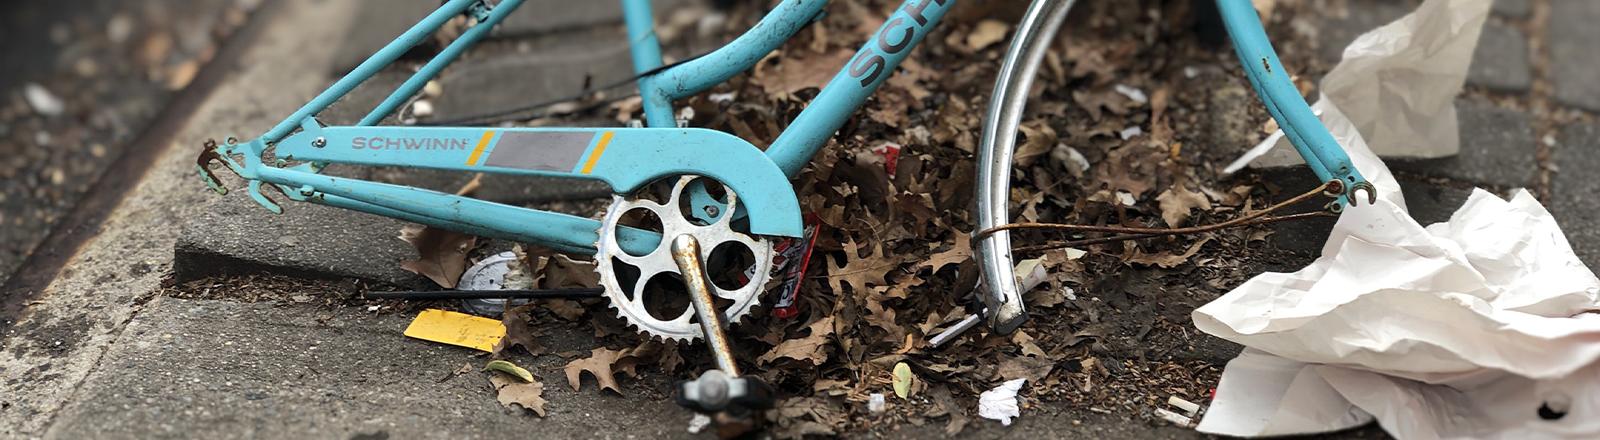 Ein Fahrrad angekettet an ein Gitter, es fehlen beide Räder, der Sattel und die Kette.